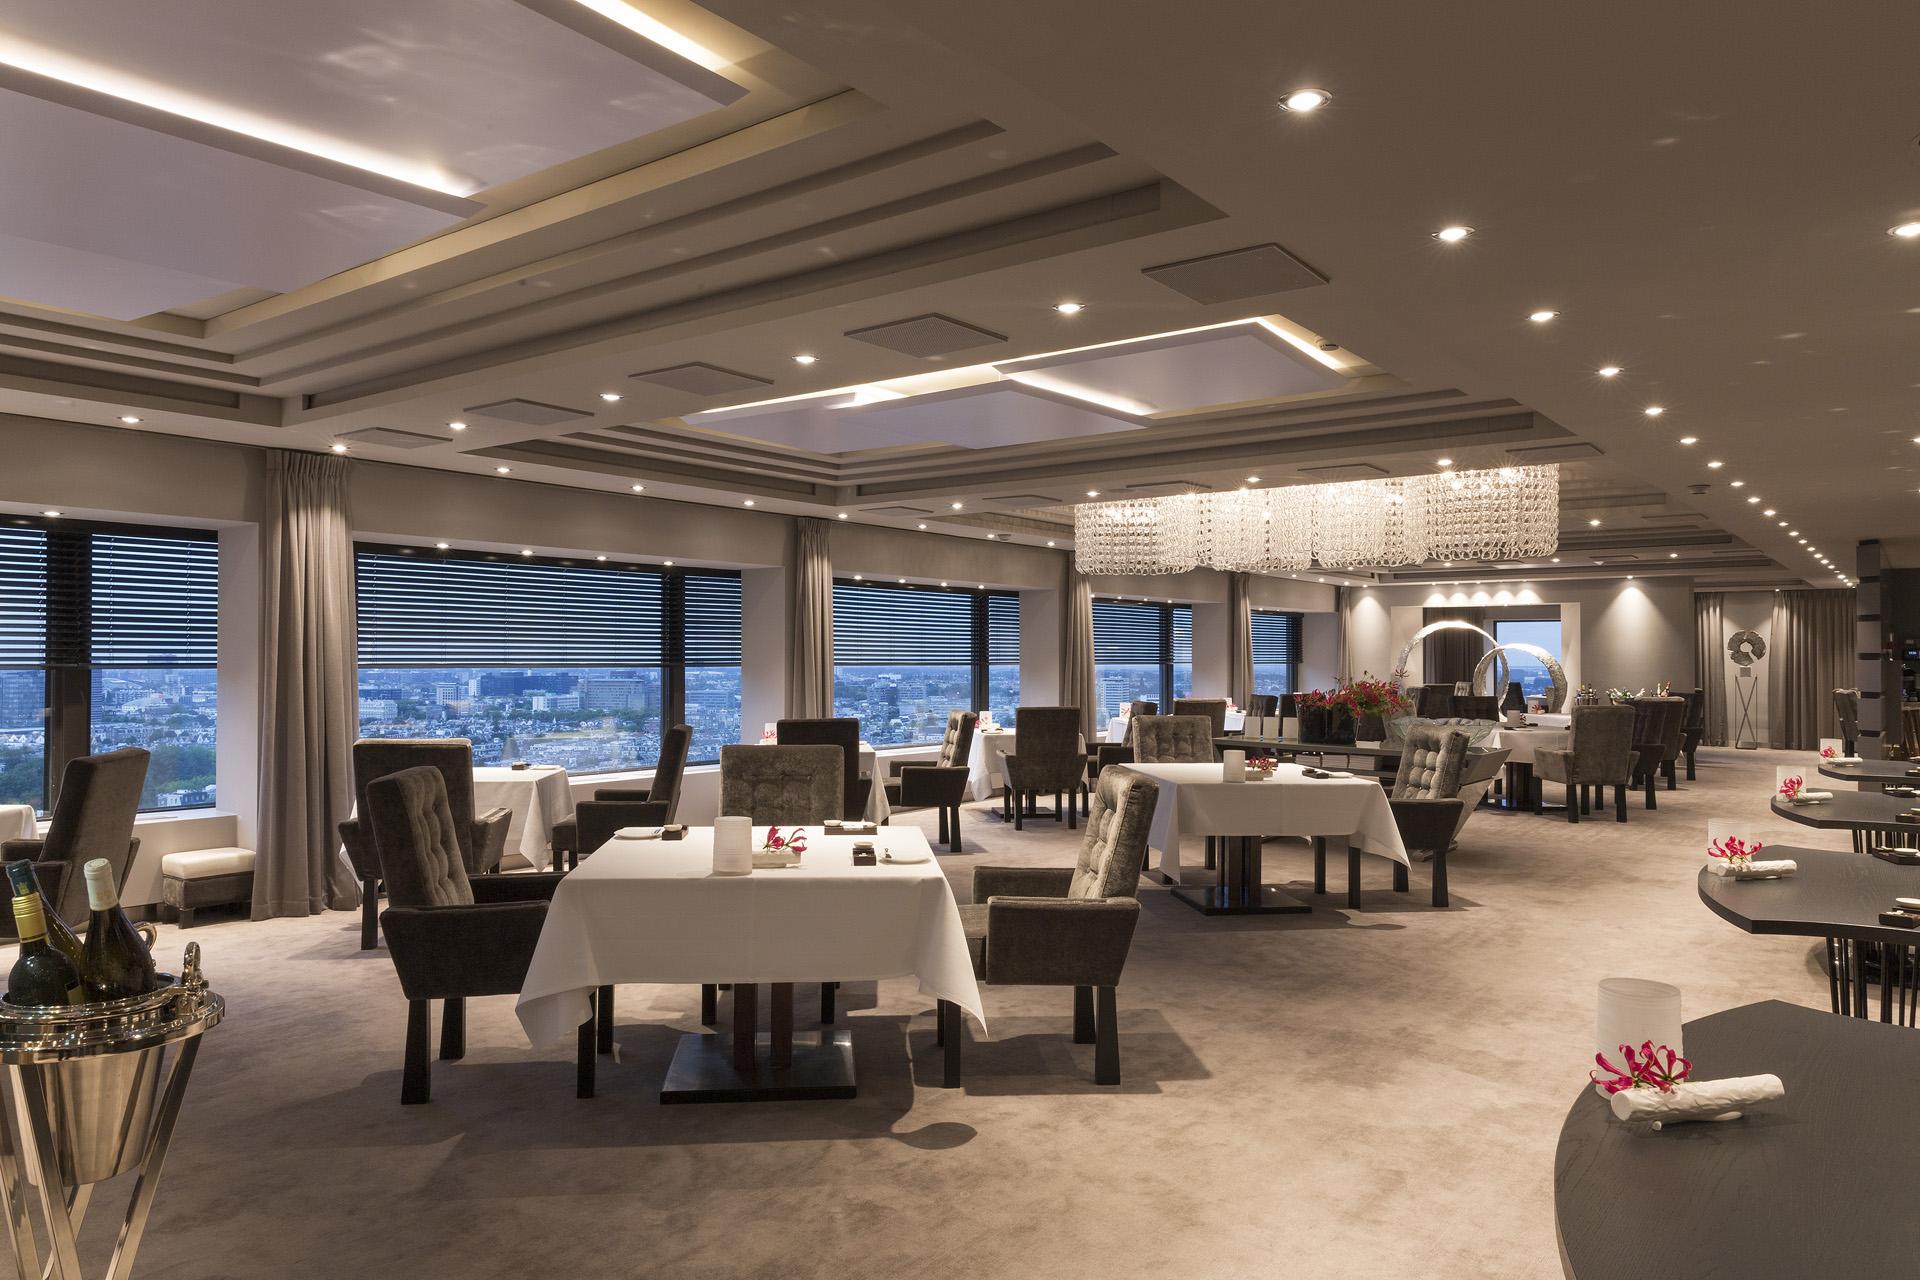 Ciel Bleu Restaurant overview